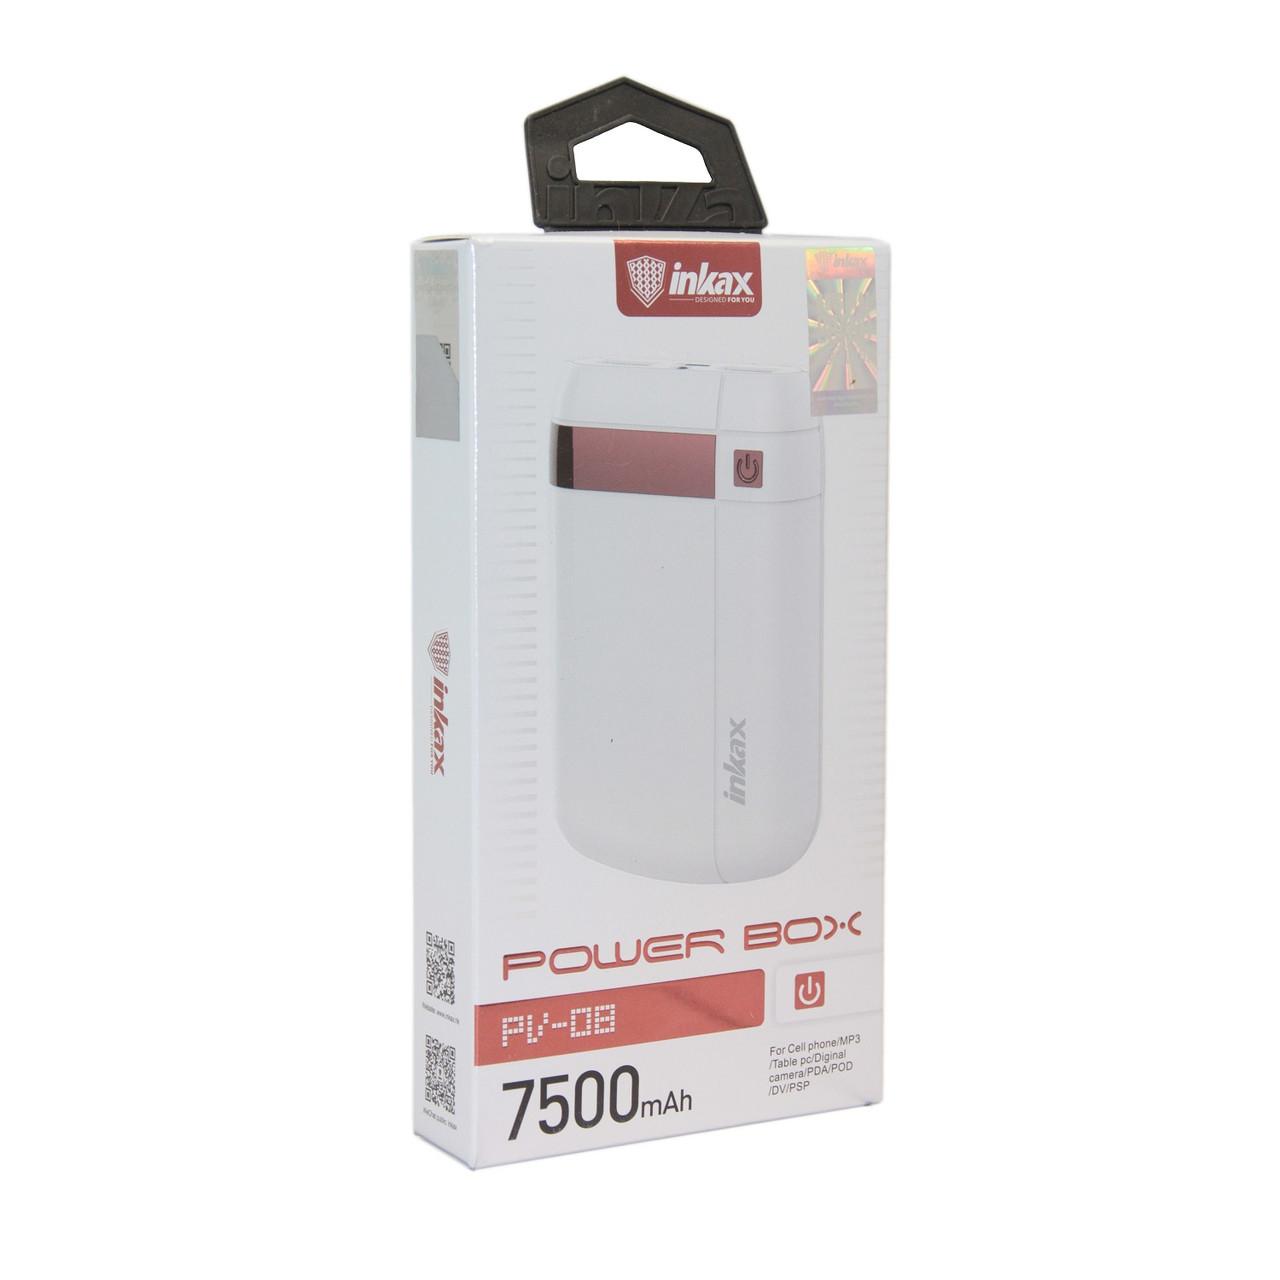 Внешний аккумулятор Power Bank Inkax PV-08 7500 Mah